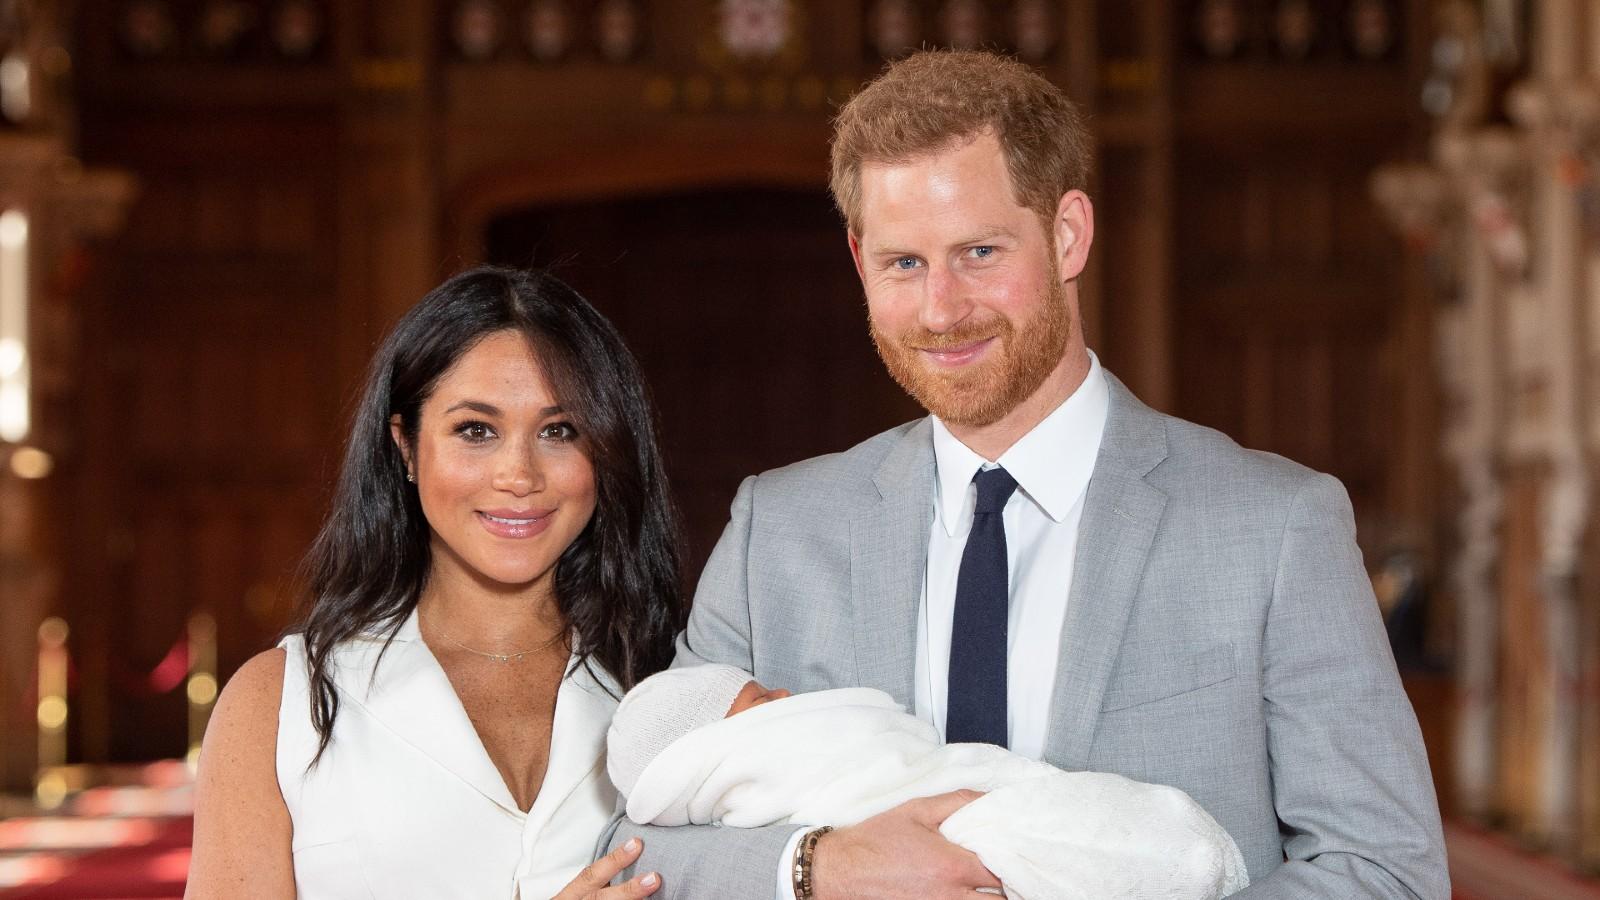 Le prince Harry, duc de Sussex, et Meghan, duchesse de Sussex, posent avec leur fils nouveau-né Archie Harrison Mountbatten-Windsor lors d'un photocall dans le St George's Hall du château de Windsor, le 8 mai 2019 à Windsor, en Angleterre.